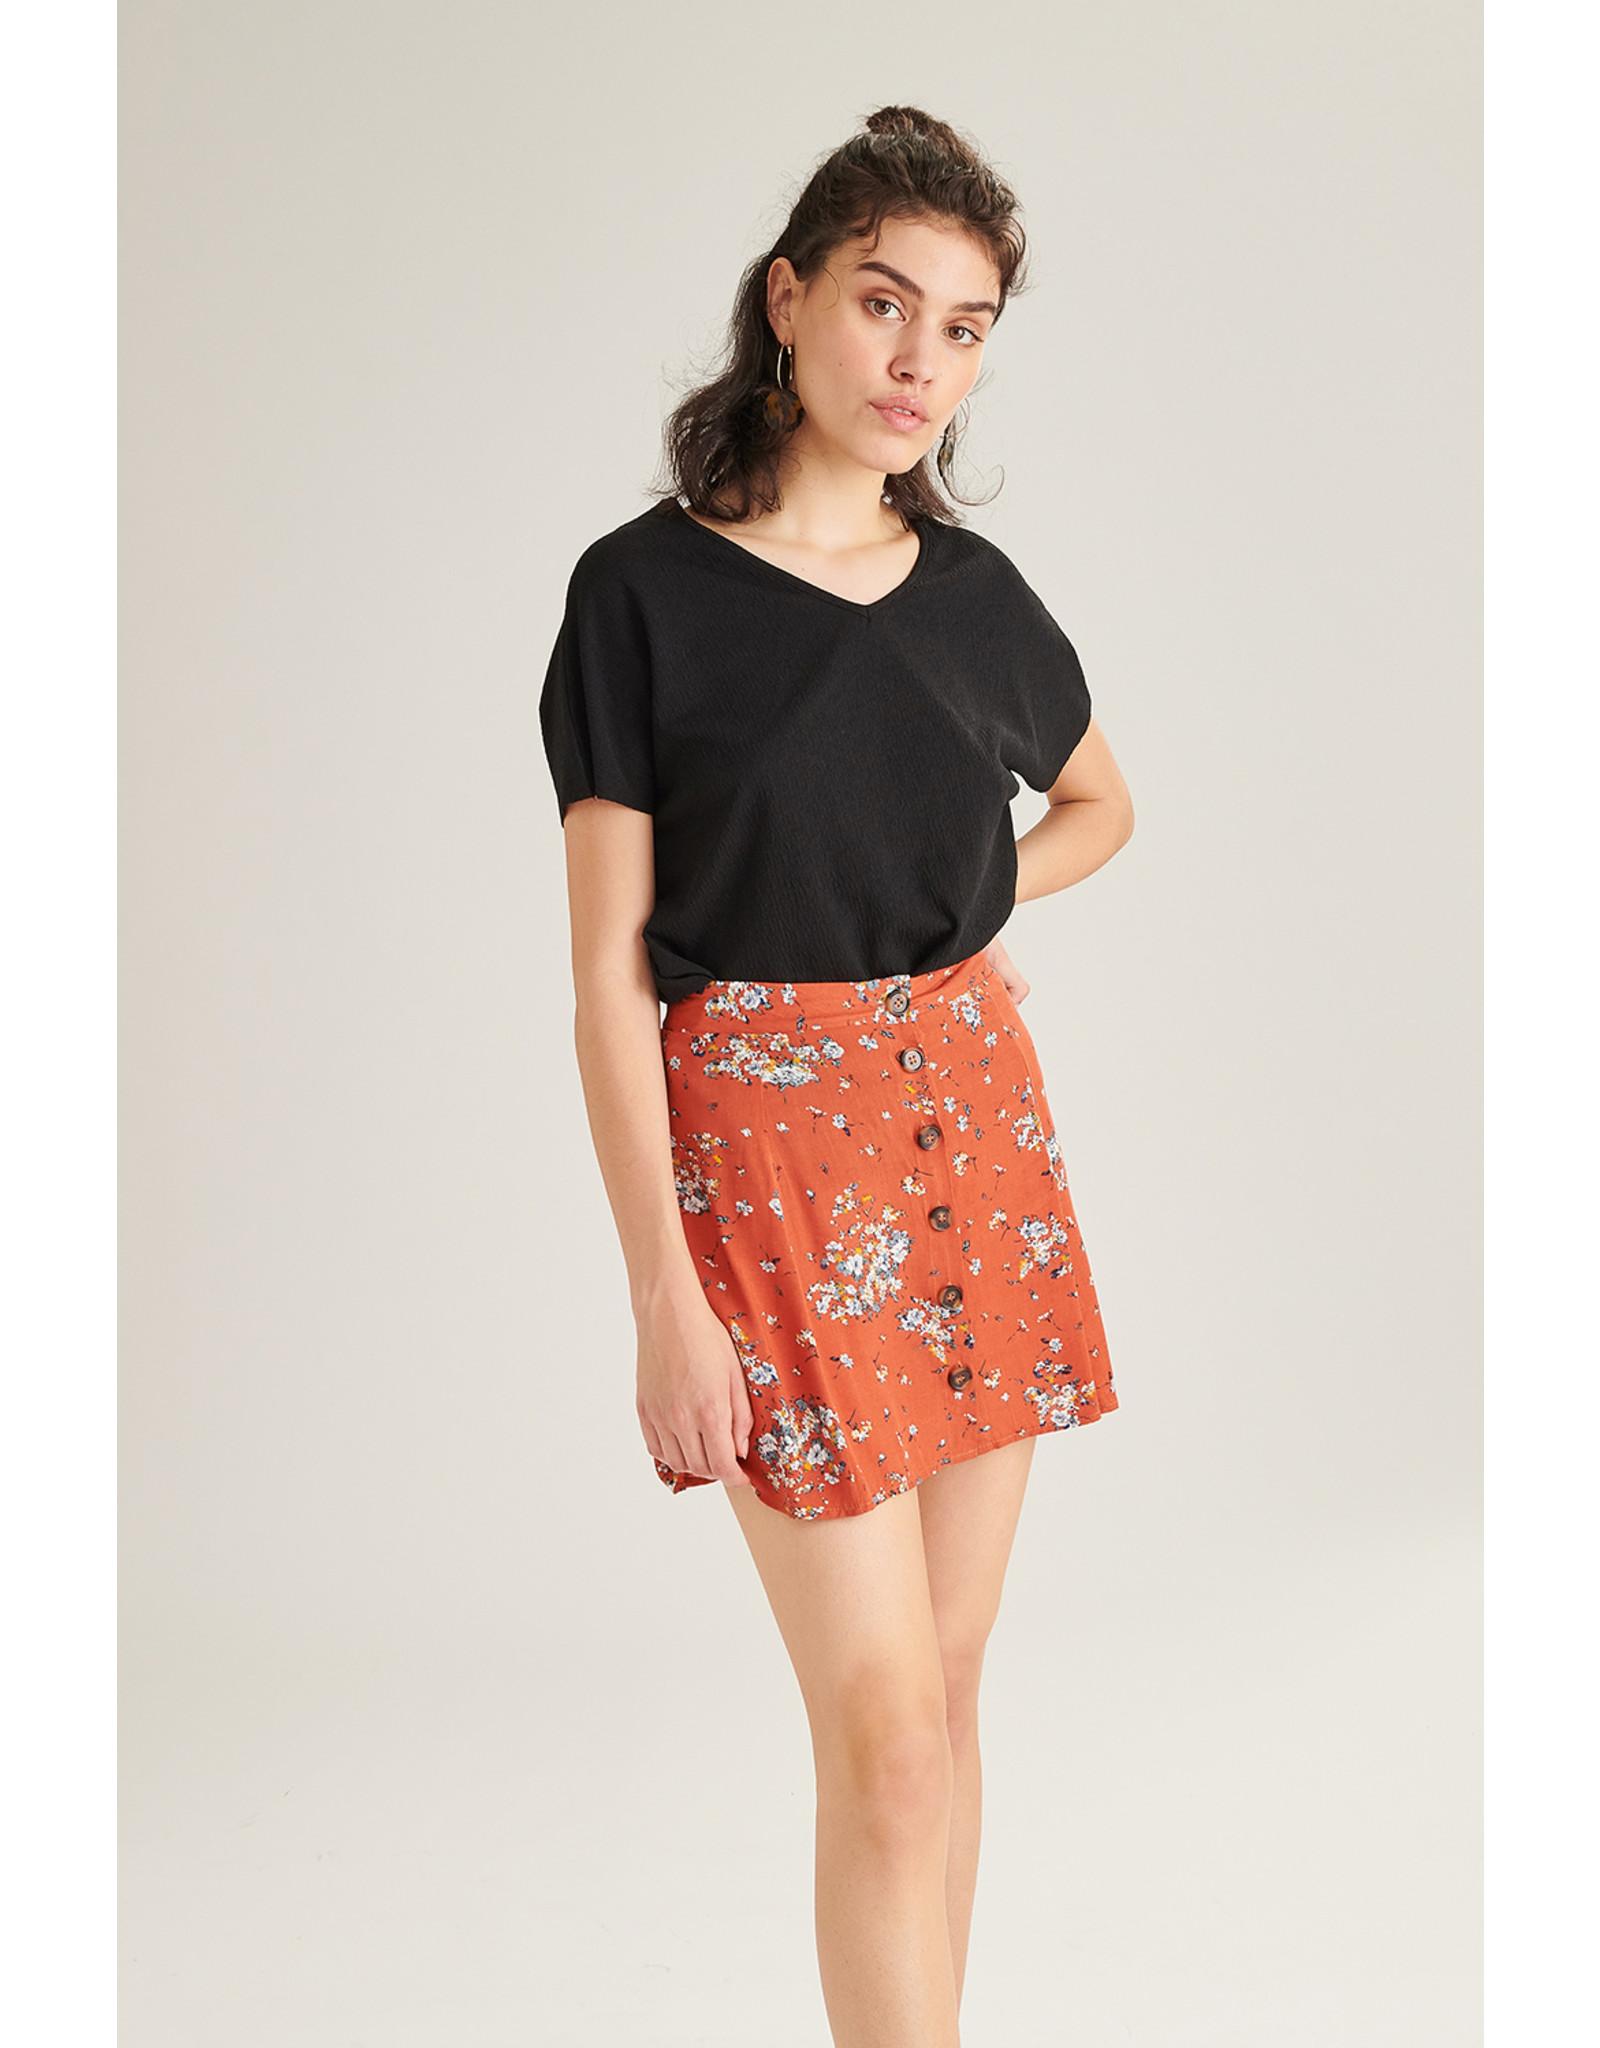 24colours Skirt